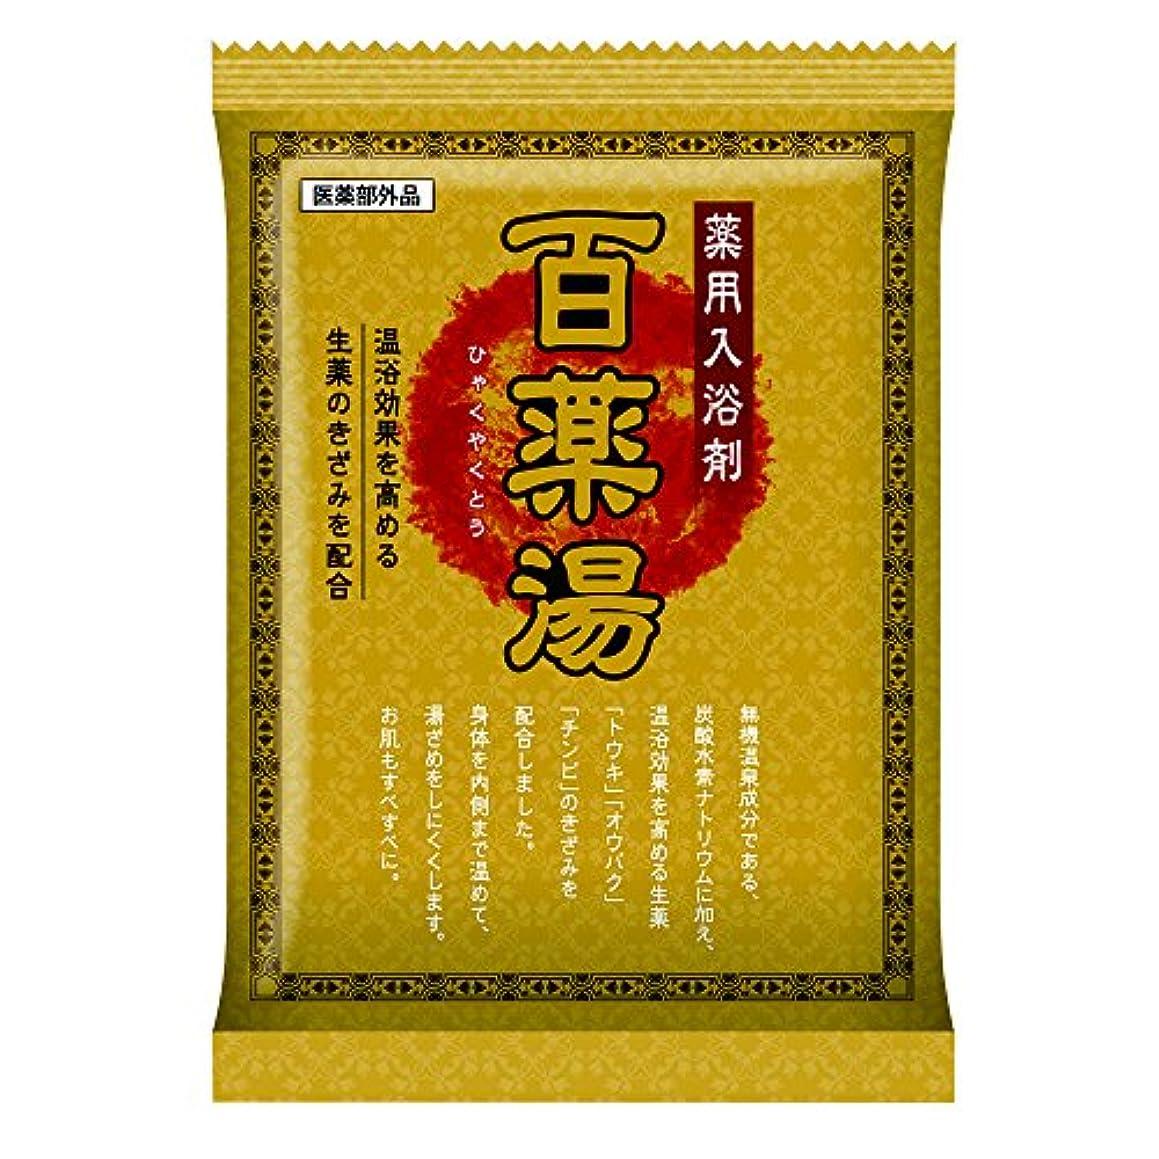 羊スロット相対サイズ百薬湯 薬用入浴剤 生薬配合 30g×1包 (医薬部外品)